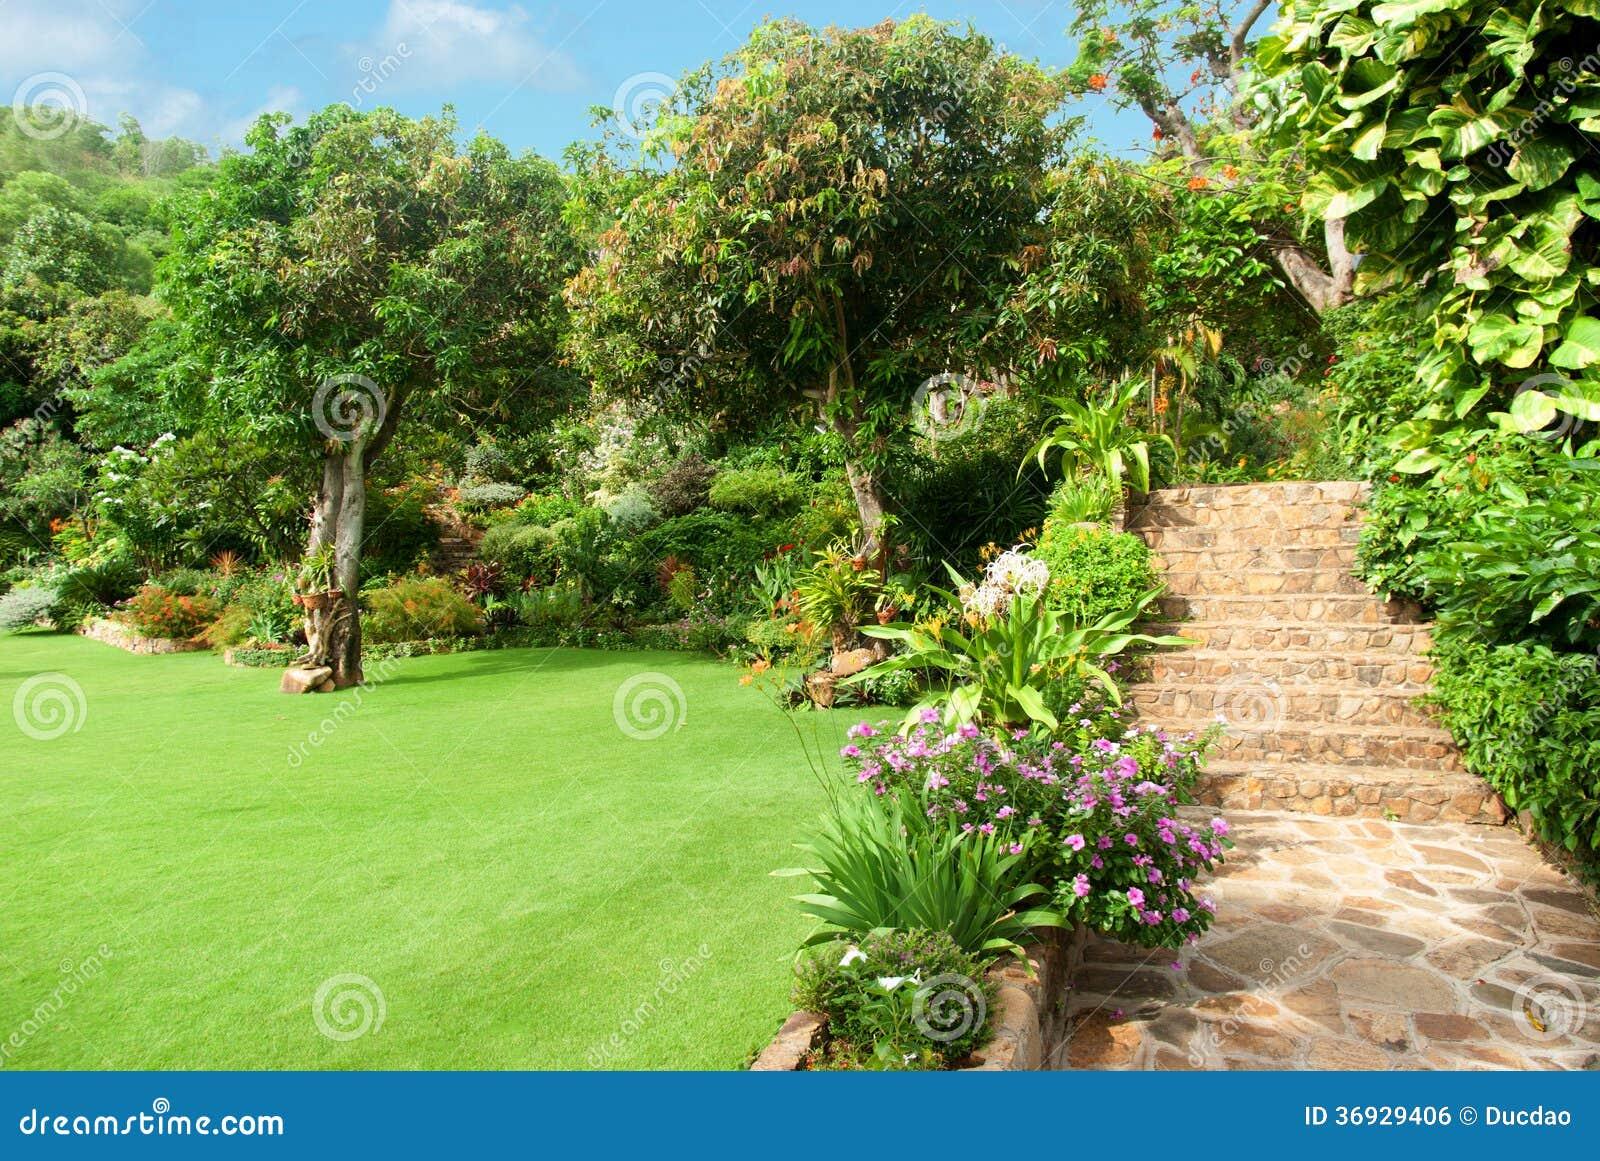 Am Nagement En Pierre Naturel Dans Le Jardin Avec Des